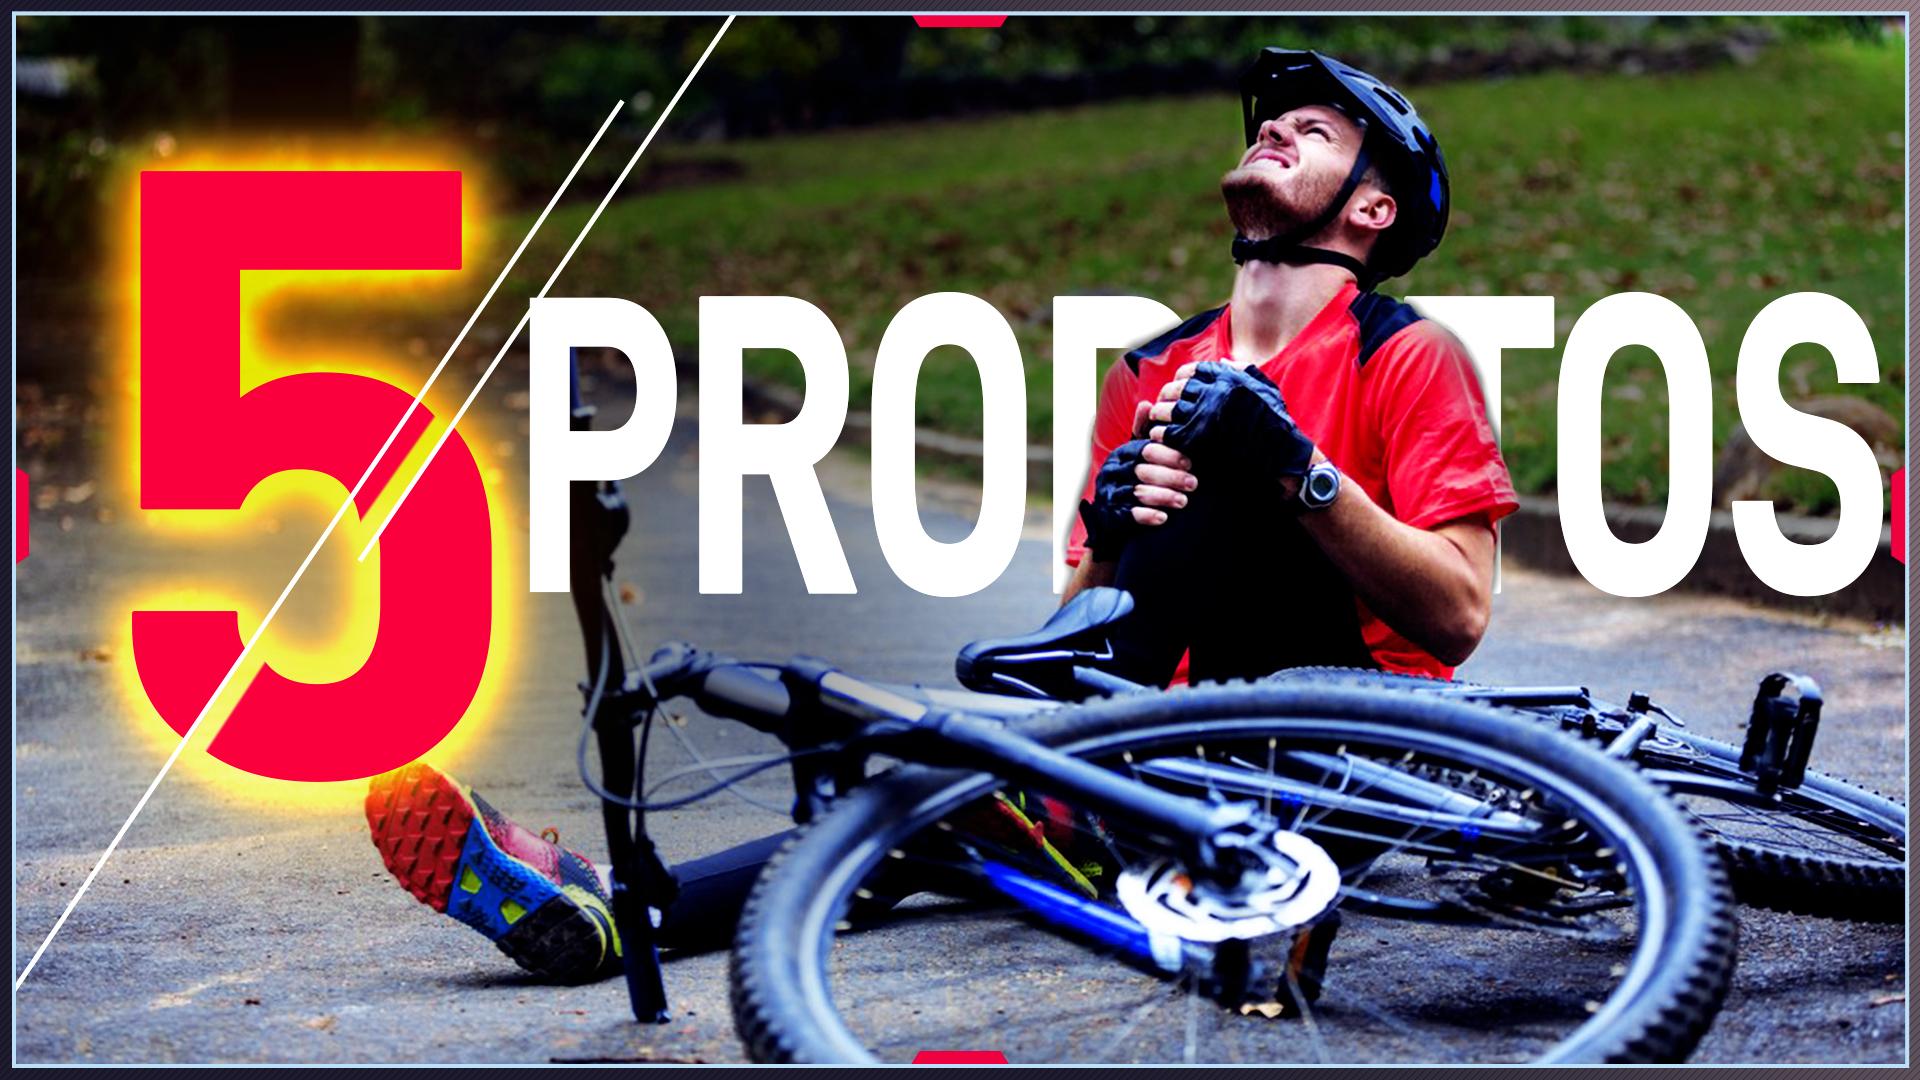 Ciclismo: 5 produtos essenciais para pedalar com segurança e conforto